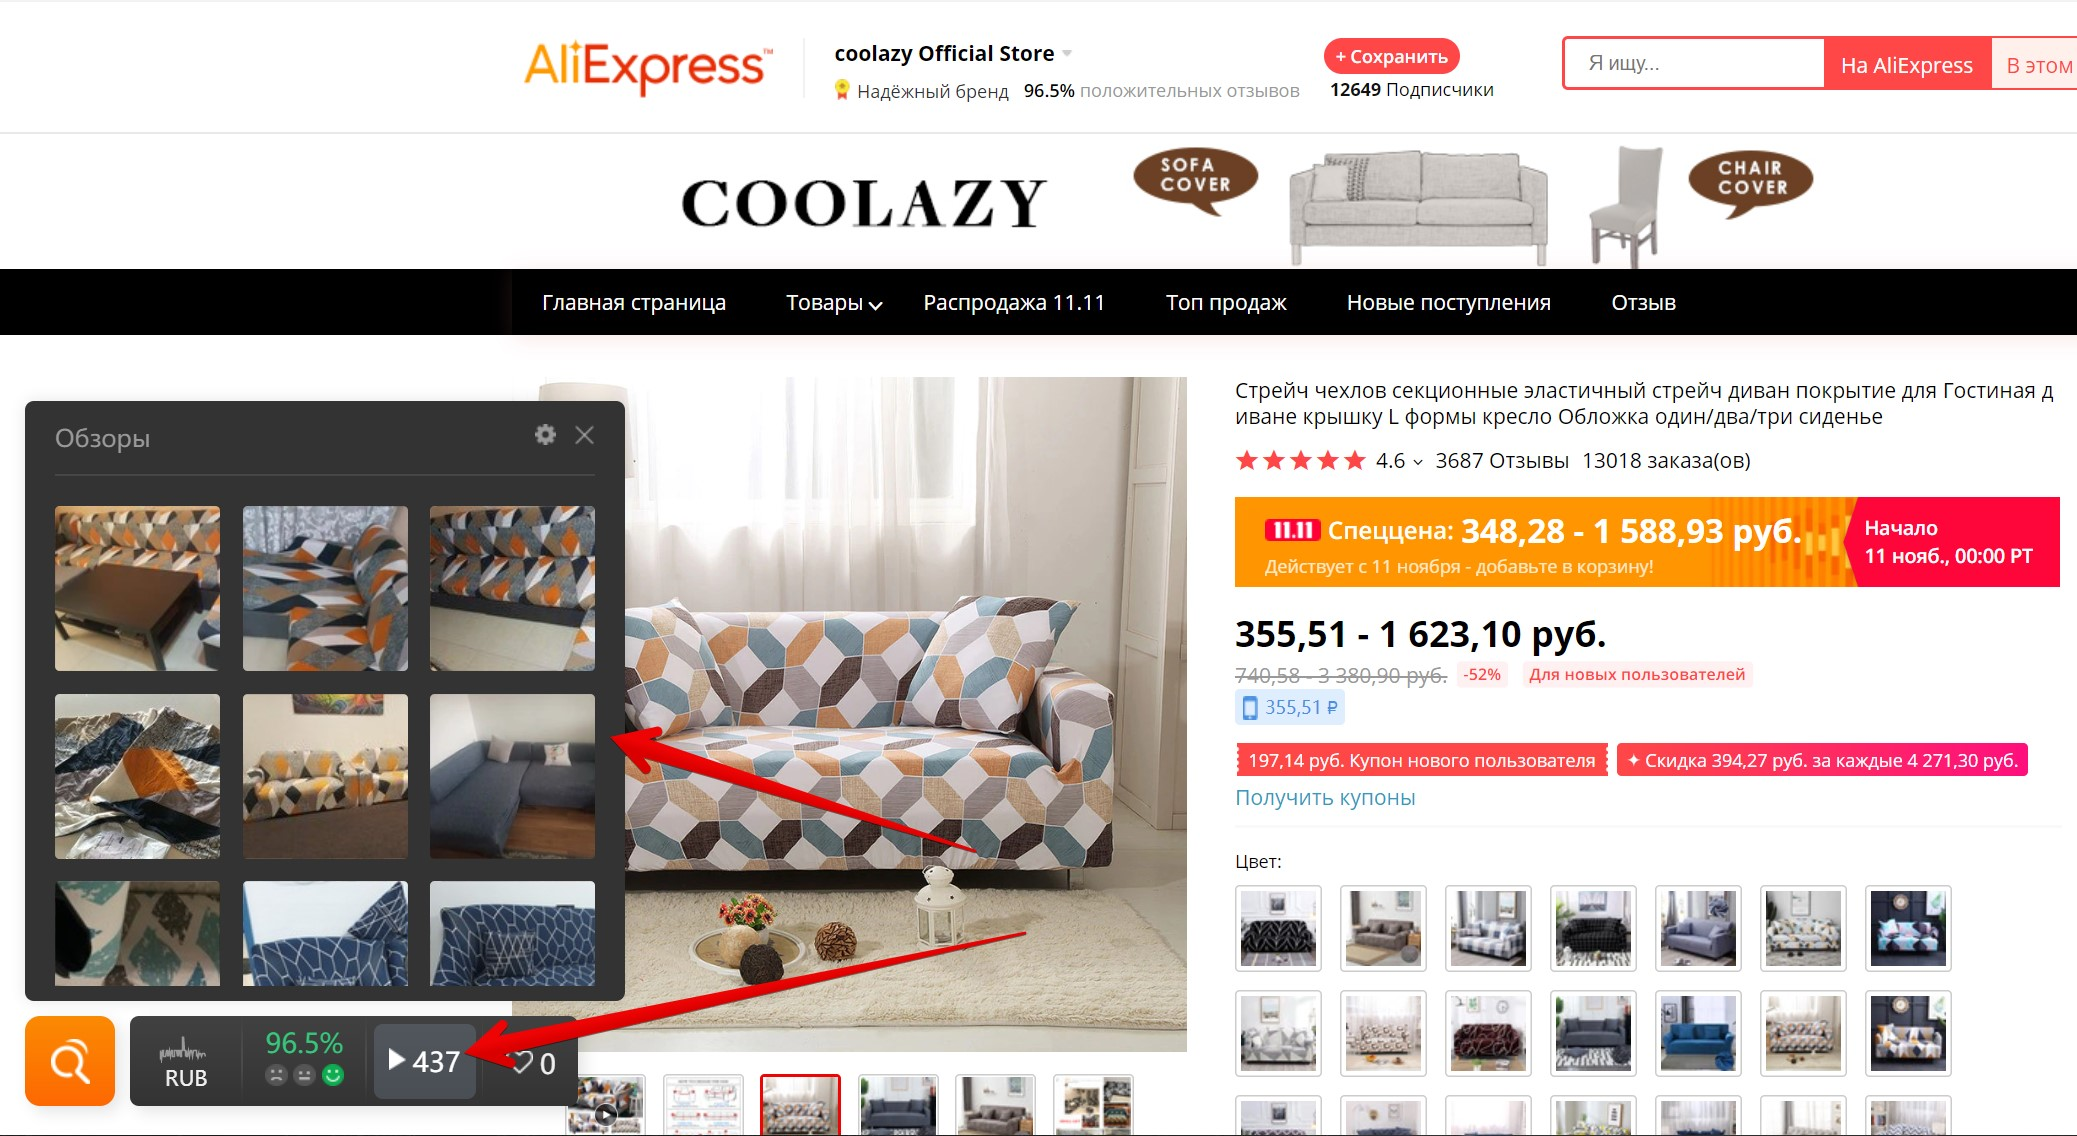 Реплики на алиэкспресс отзывы покупателей